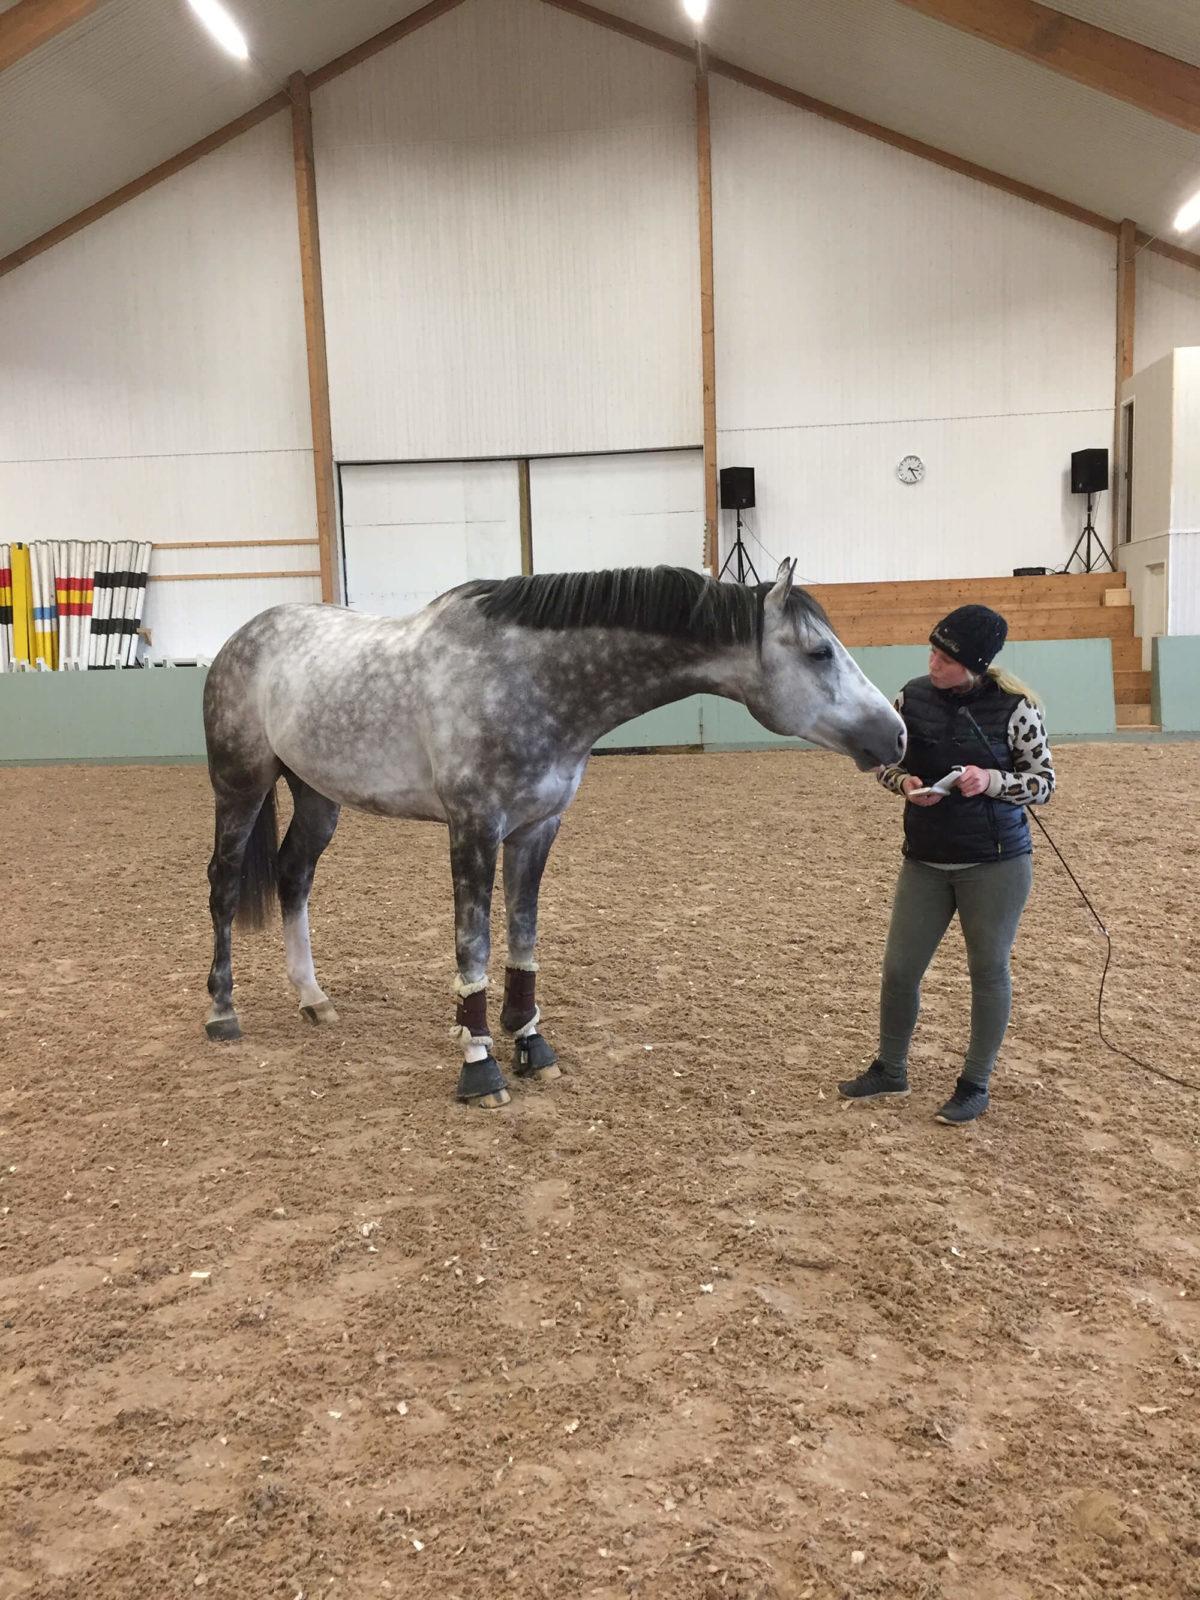 Häst och person på en bana inomhus